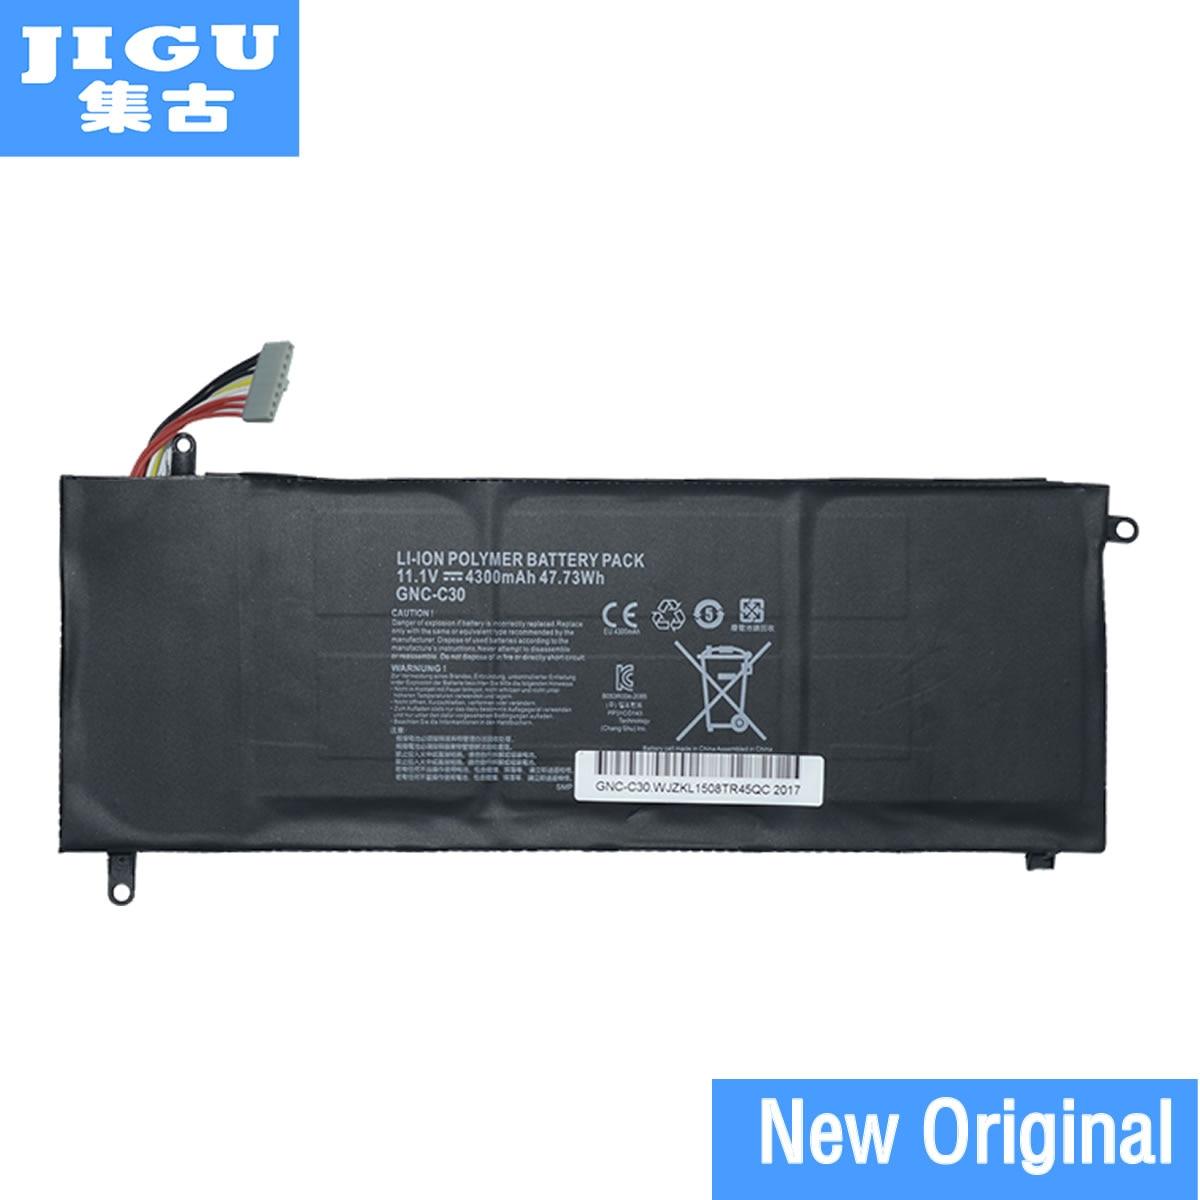 JIGU Laptop Battery 961TA002F GNC-C30 FOR GIGABYTE XMG C404 P34G V1 v2 U24 U2442 U2442D U2442F U2442N U2442S U2442V U24F U24T